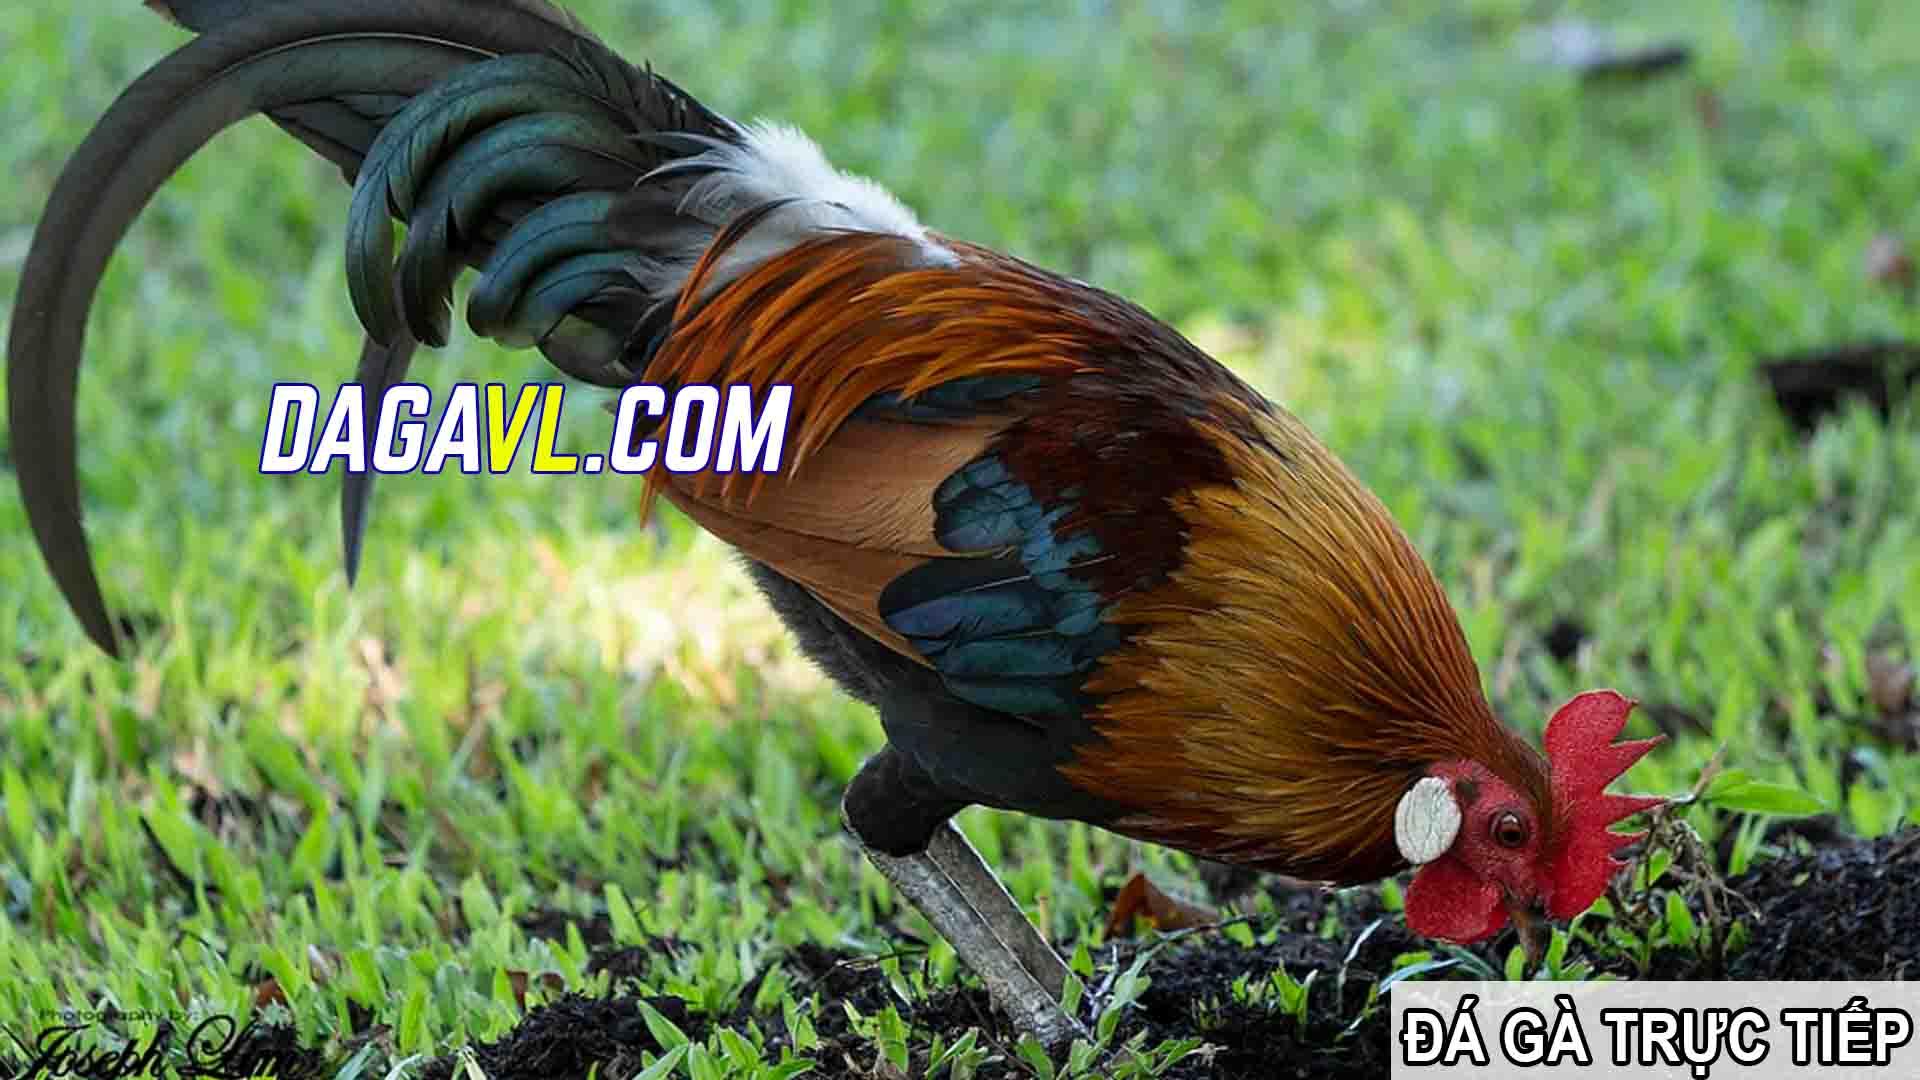 DAGAVL.COM - Đá gà trực tiếp -Gà chạy lồng, cách huấn luyện gà đá khỏe mạnh